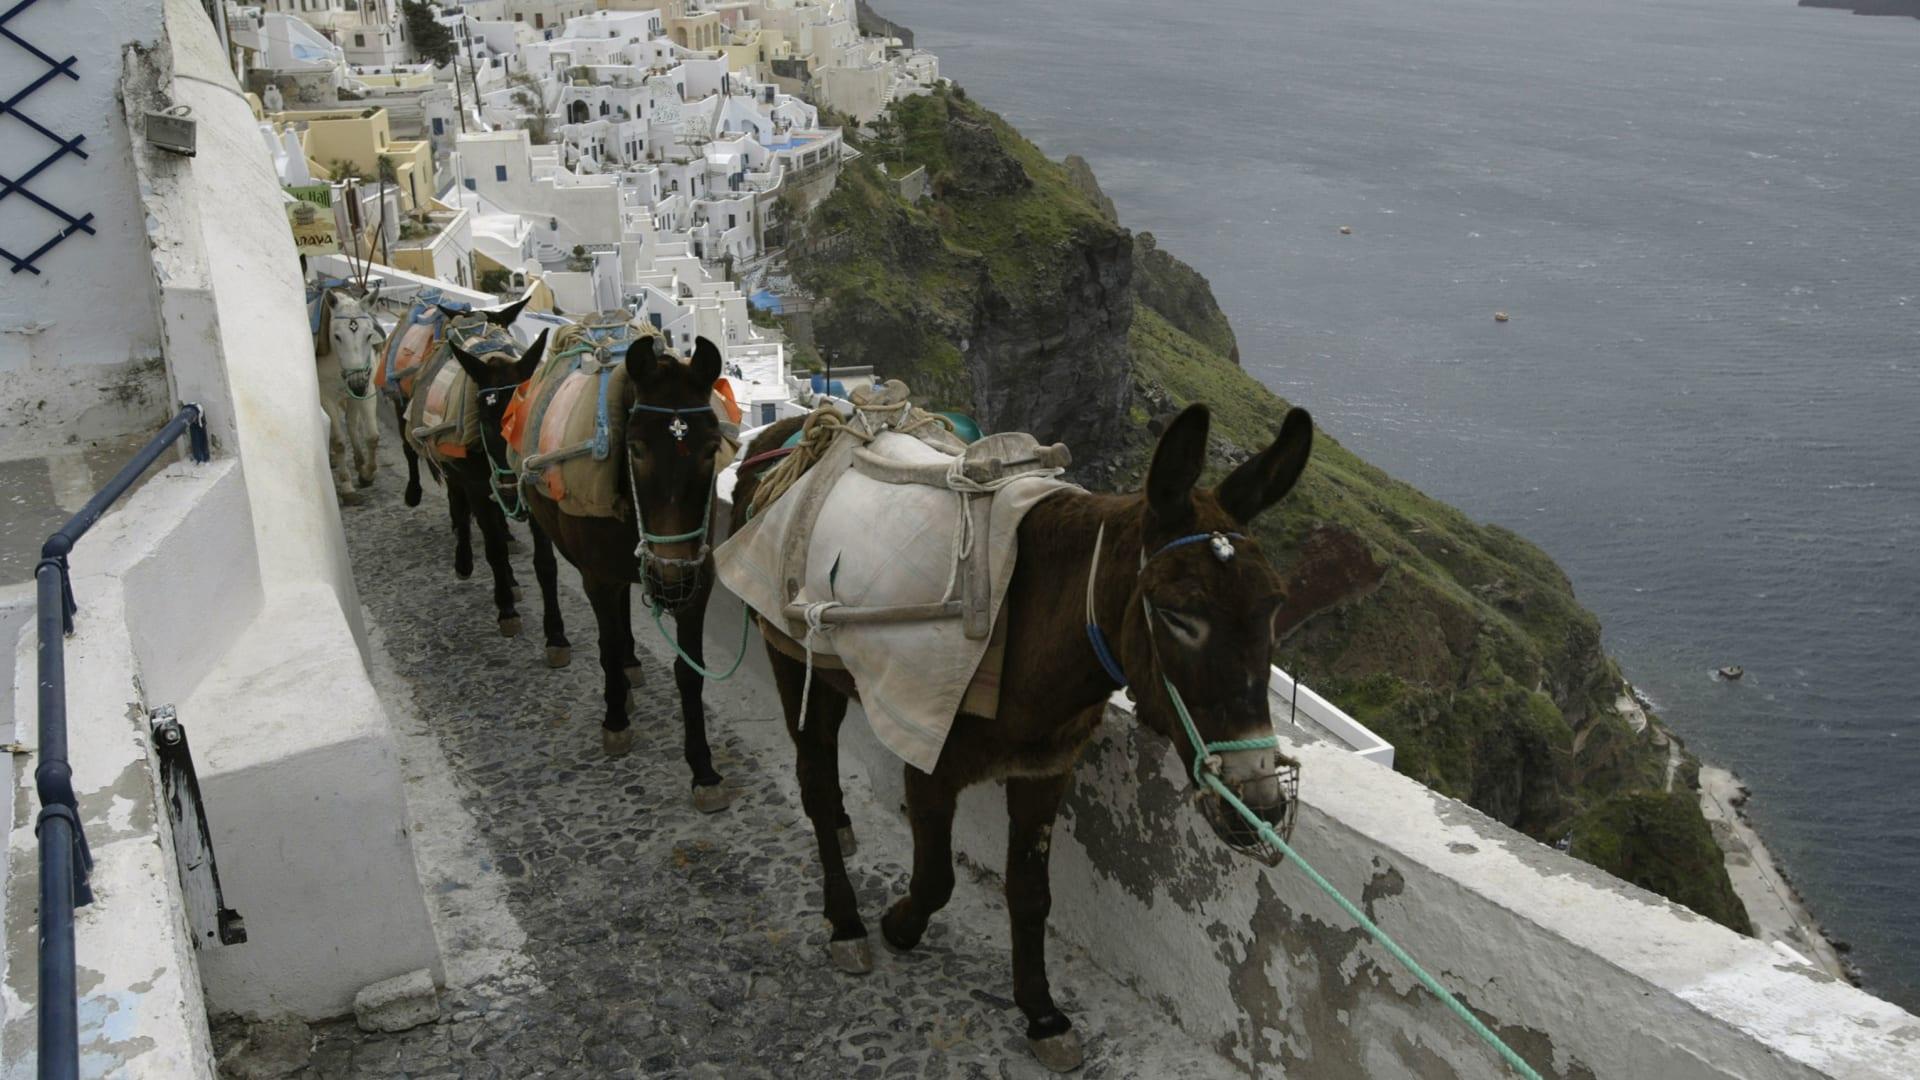 """بعد إصابات في العمود الفقري.. اليونان تحظر السياح ذو """"الوزن الزائد"""" من ركوب الحمير"""